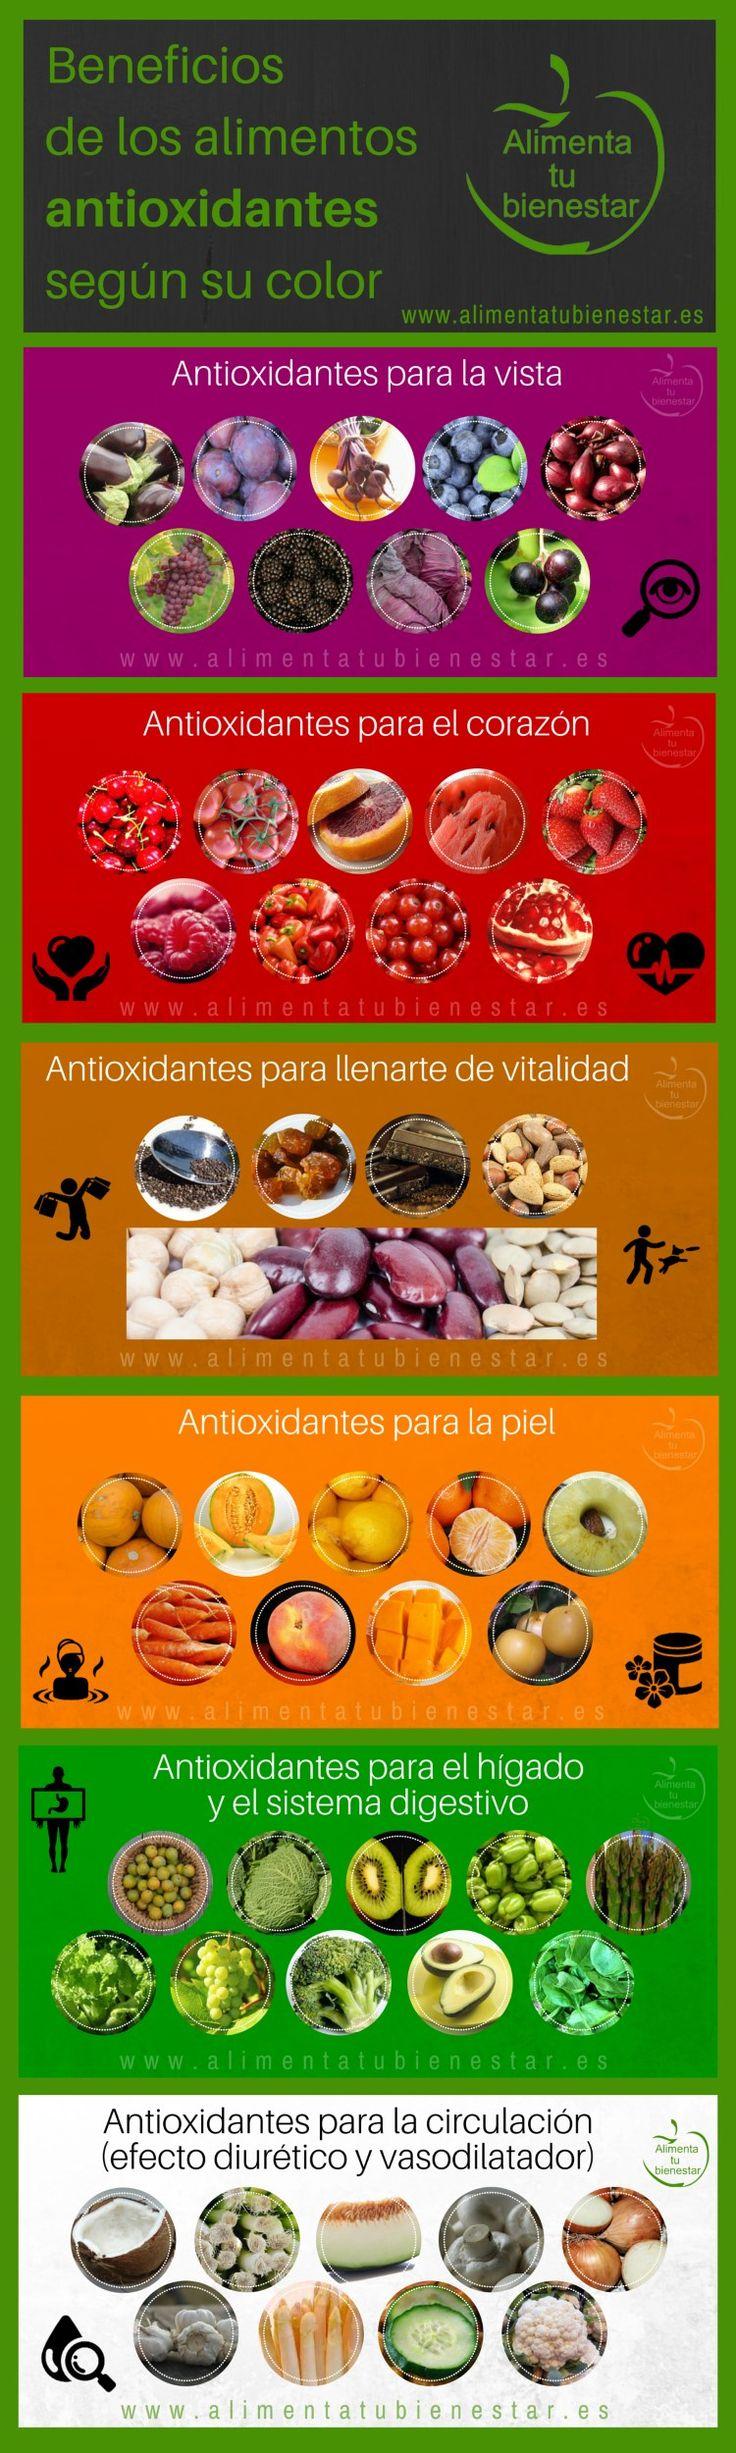 #Infografia Beneficios de los alimentos #antioxidantes por su color #alimentatubienestar